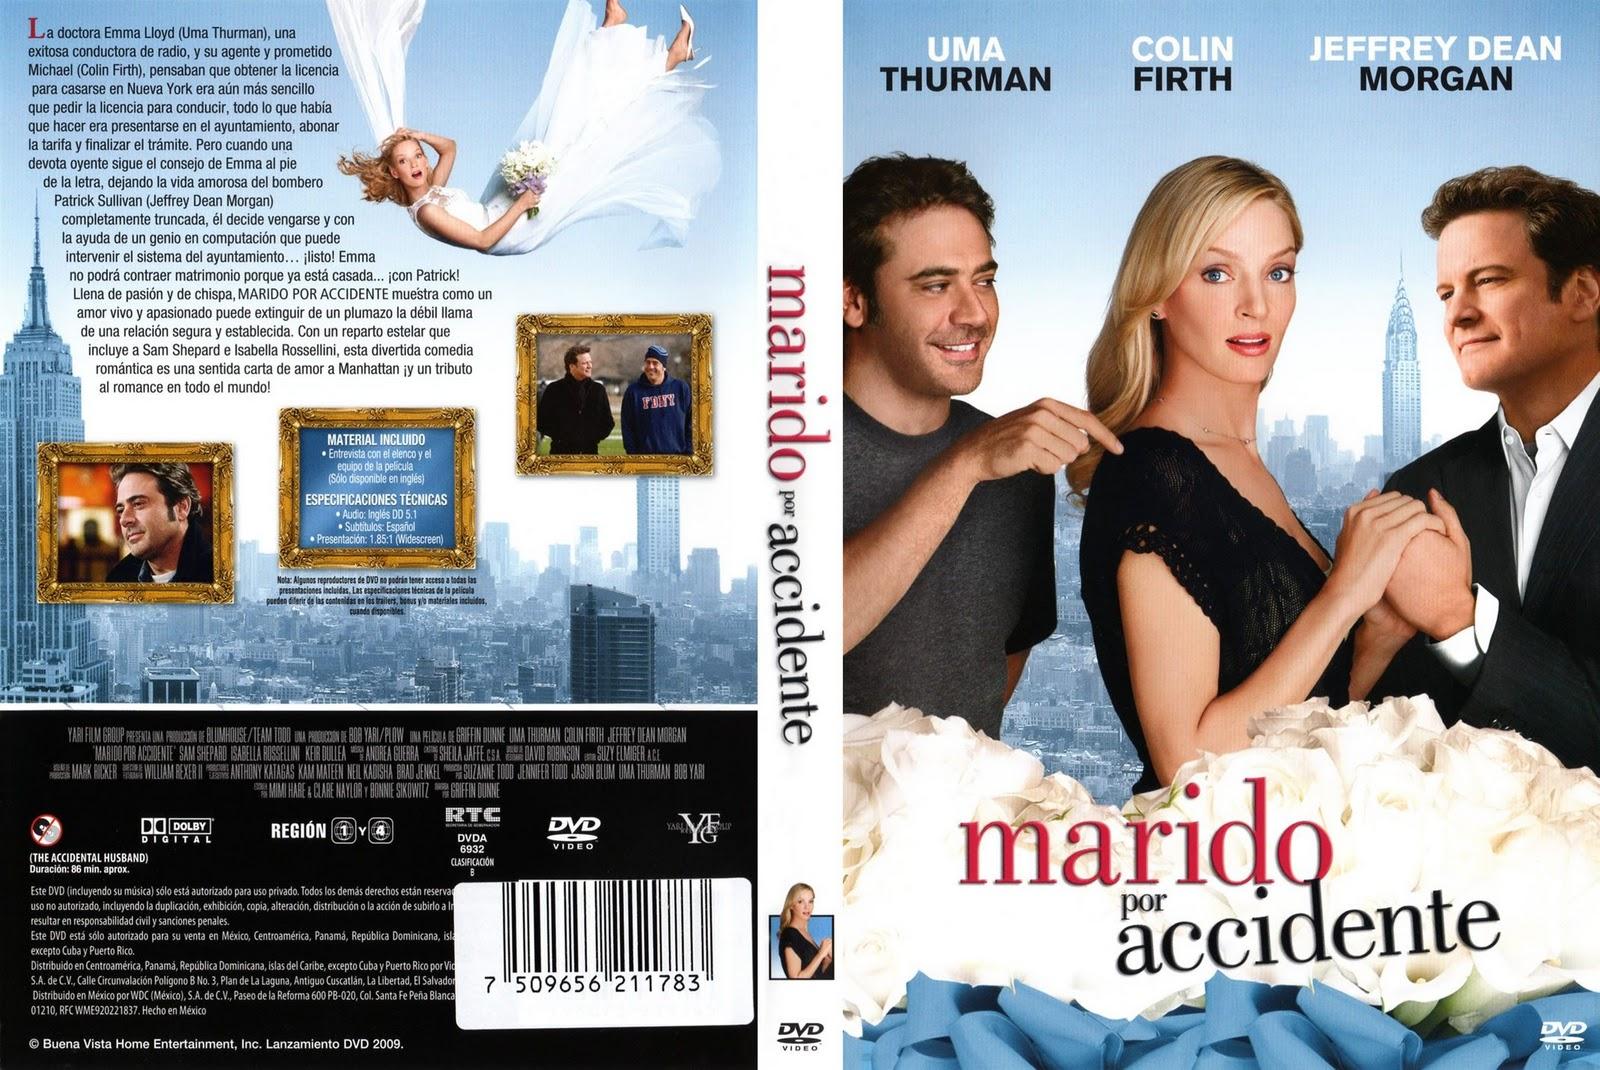 Matrimonio Por Accidente : º marido por accidente descargando con manu pelis dvd